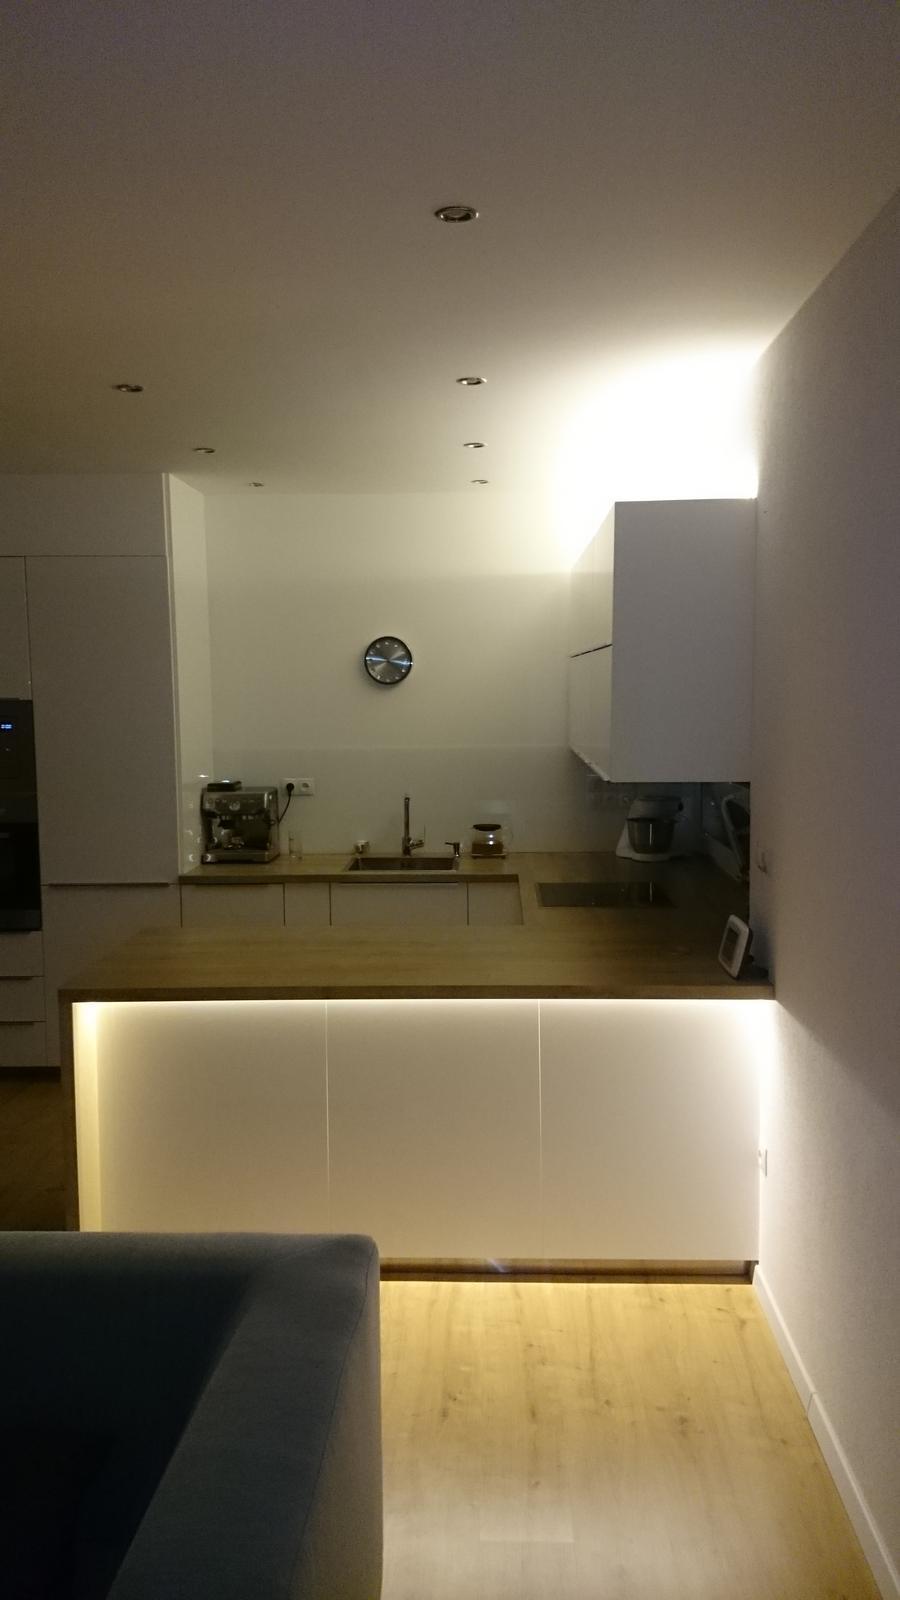 InTeRiEr -  ExTeRiEr - Montujeme LED osvetlenie, aj nad aj pod skrinkou aj pod barom